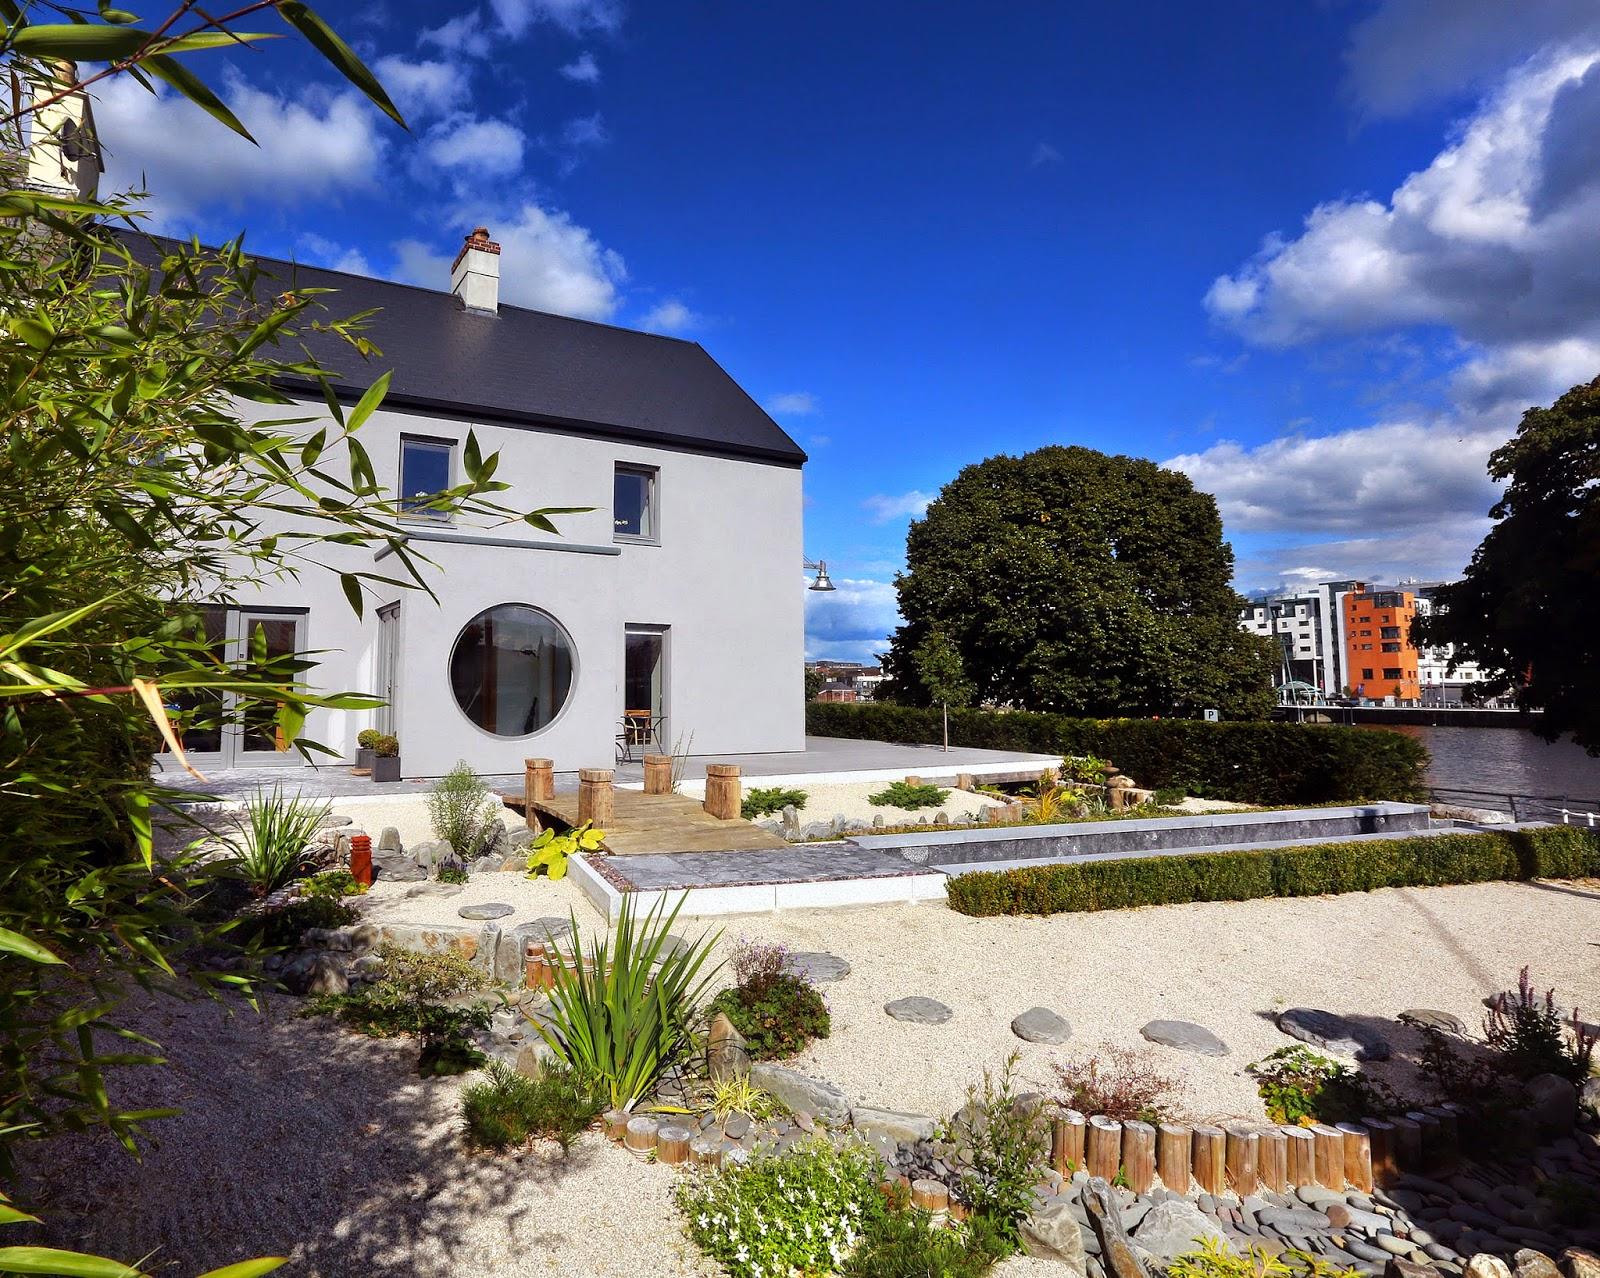 OpenHouse Limerick 2014 details announced